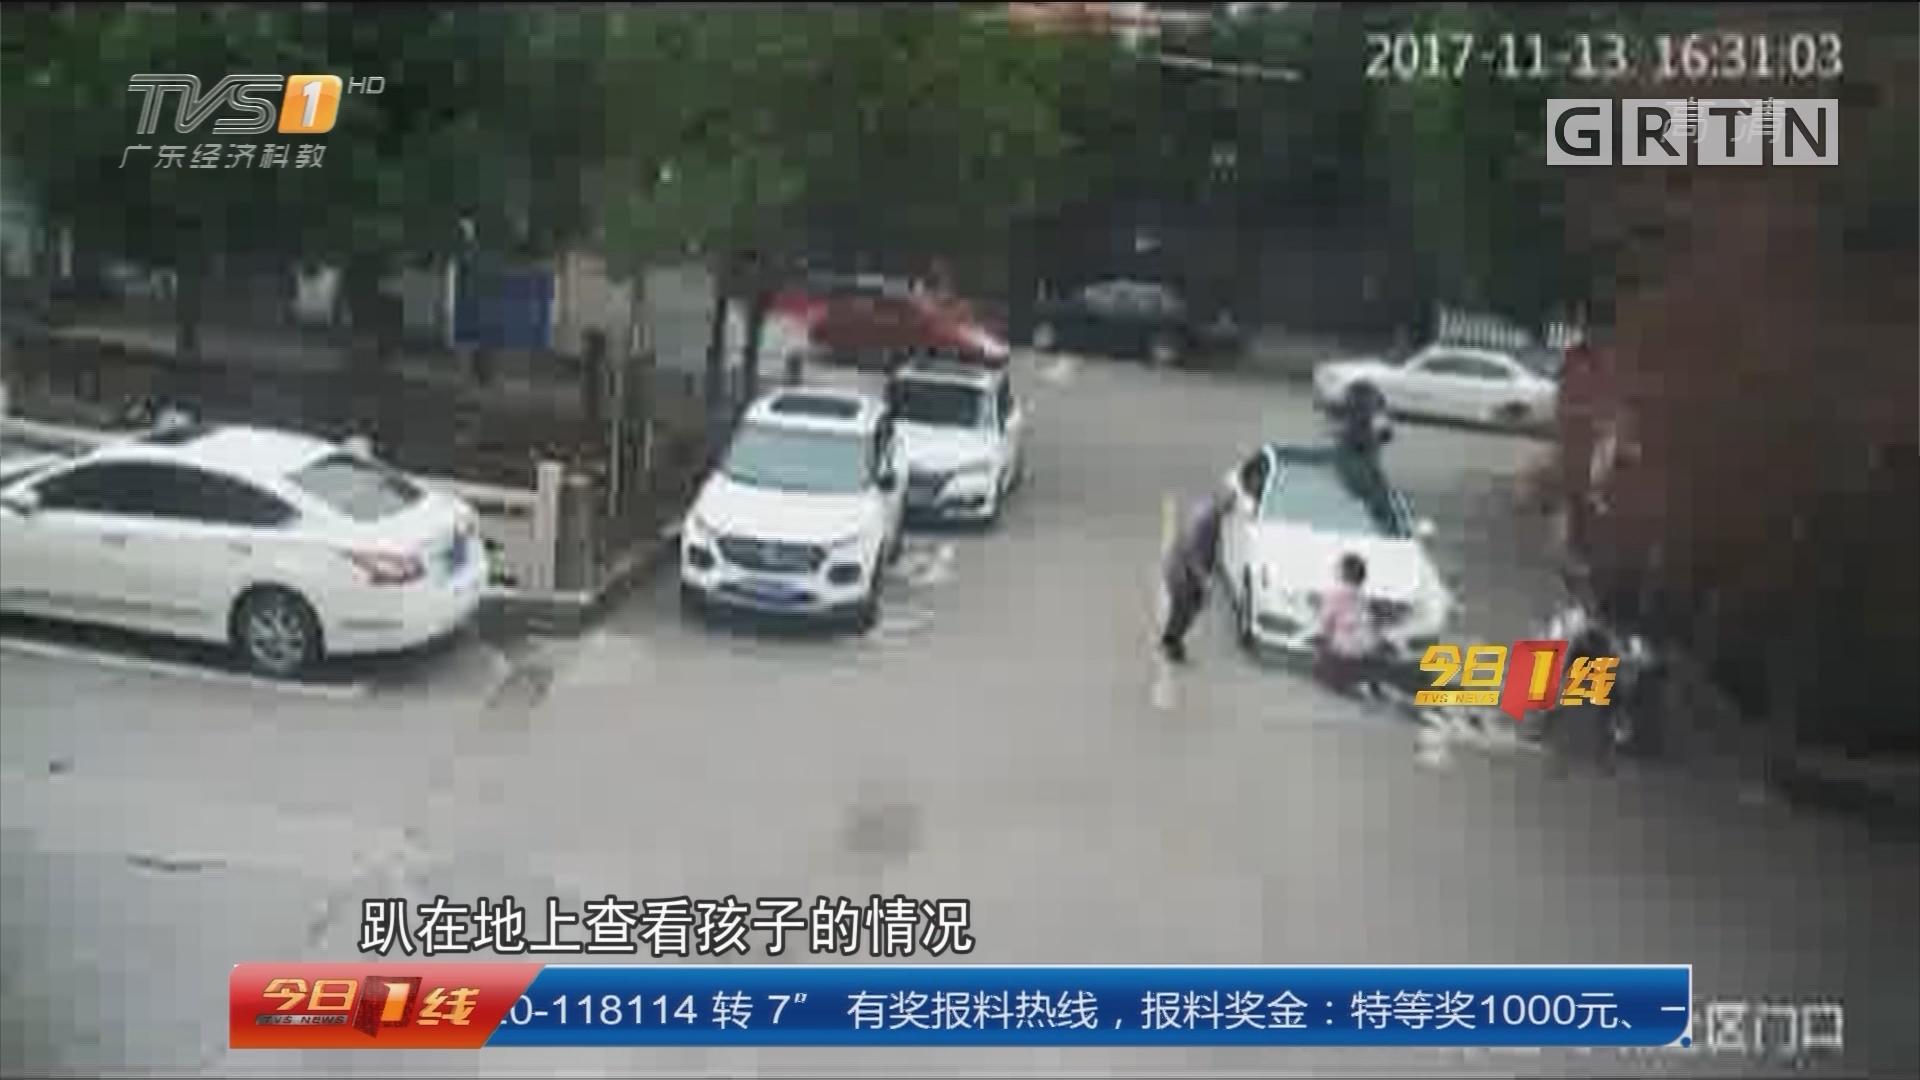 温州:男孩系鞋带被卷车底 街坊抬车救人